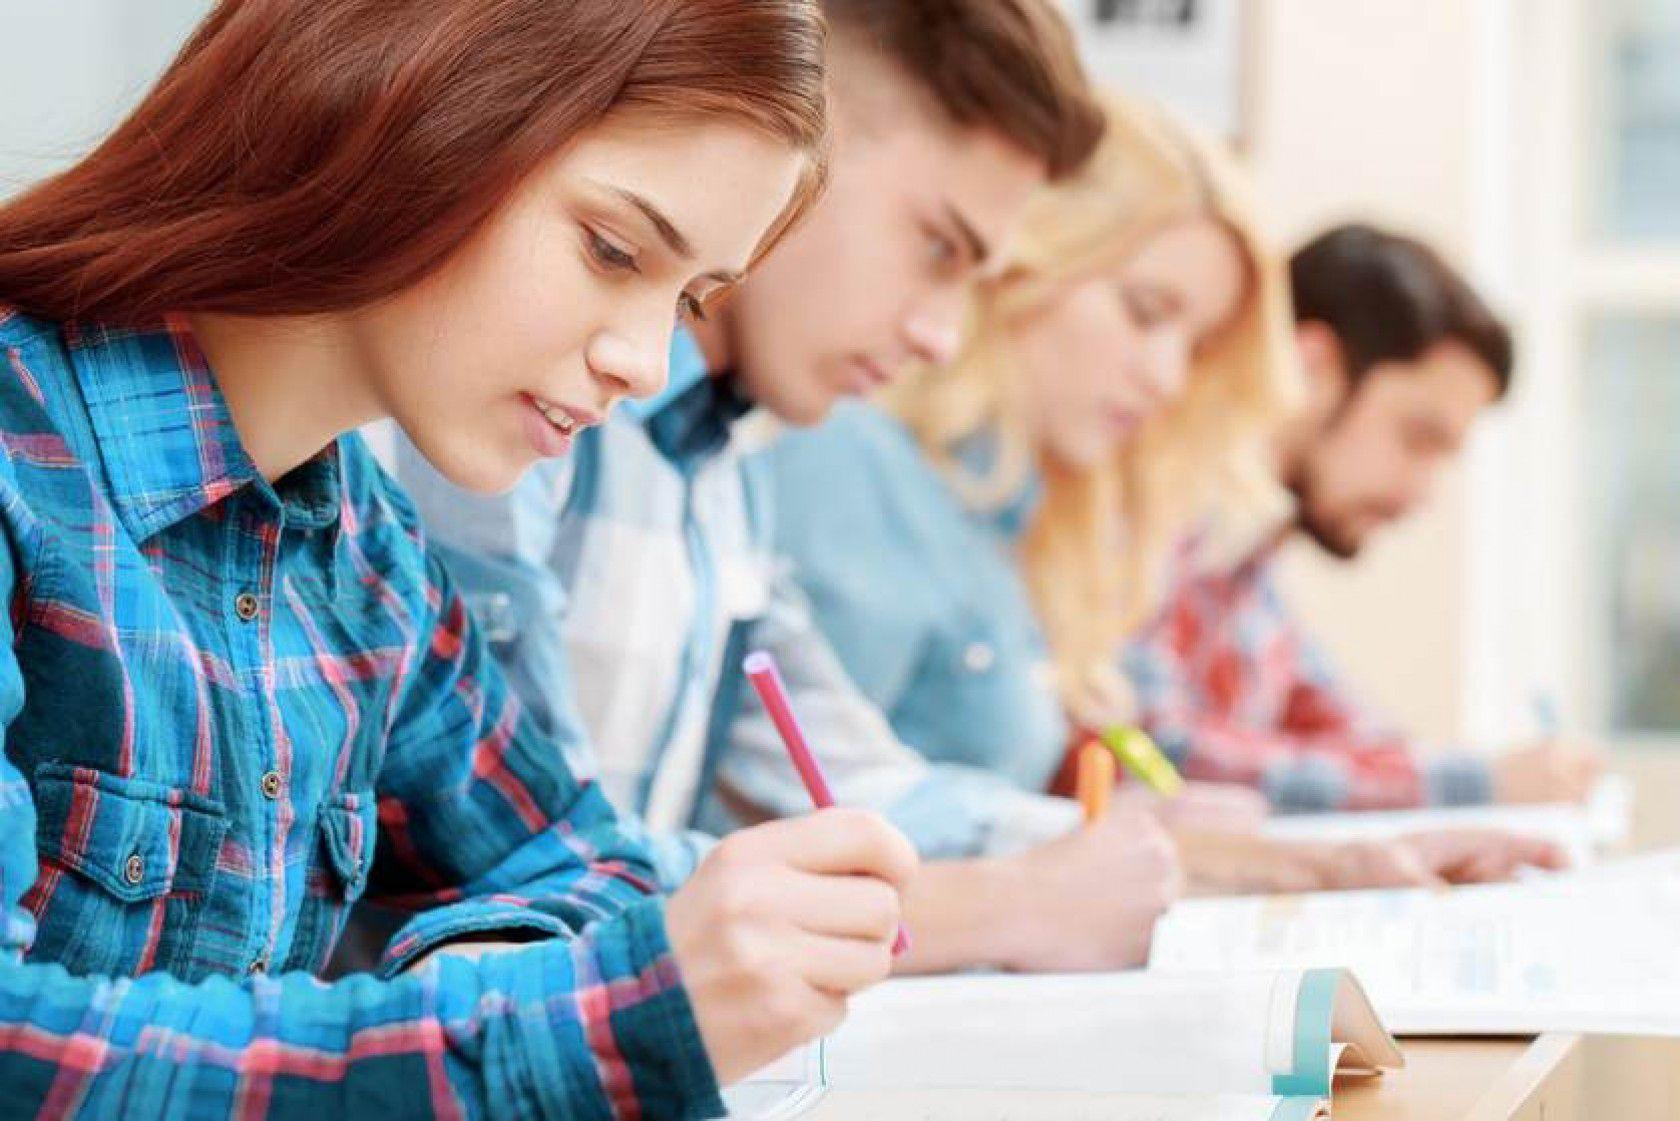 Amerika lise öğrenci değişim programlarında lider kuruluşlar nelerdir?